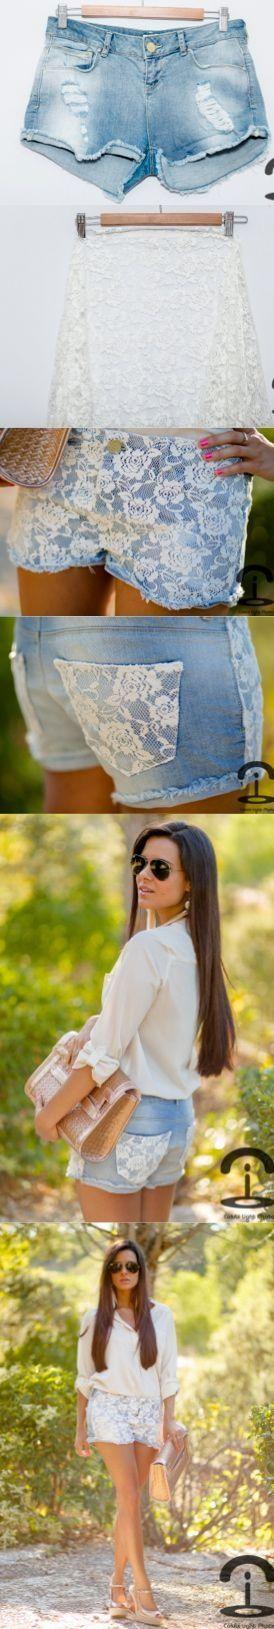 DIY Lace denim shorts - Pantalones cortos vaqueros con encaje - Crimenes de la Moda